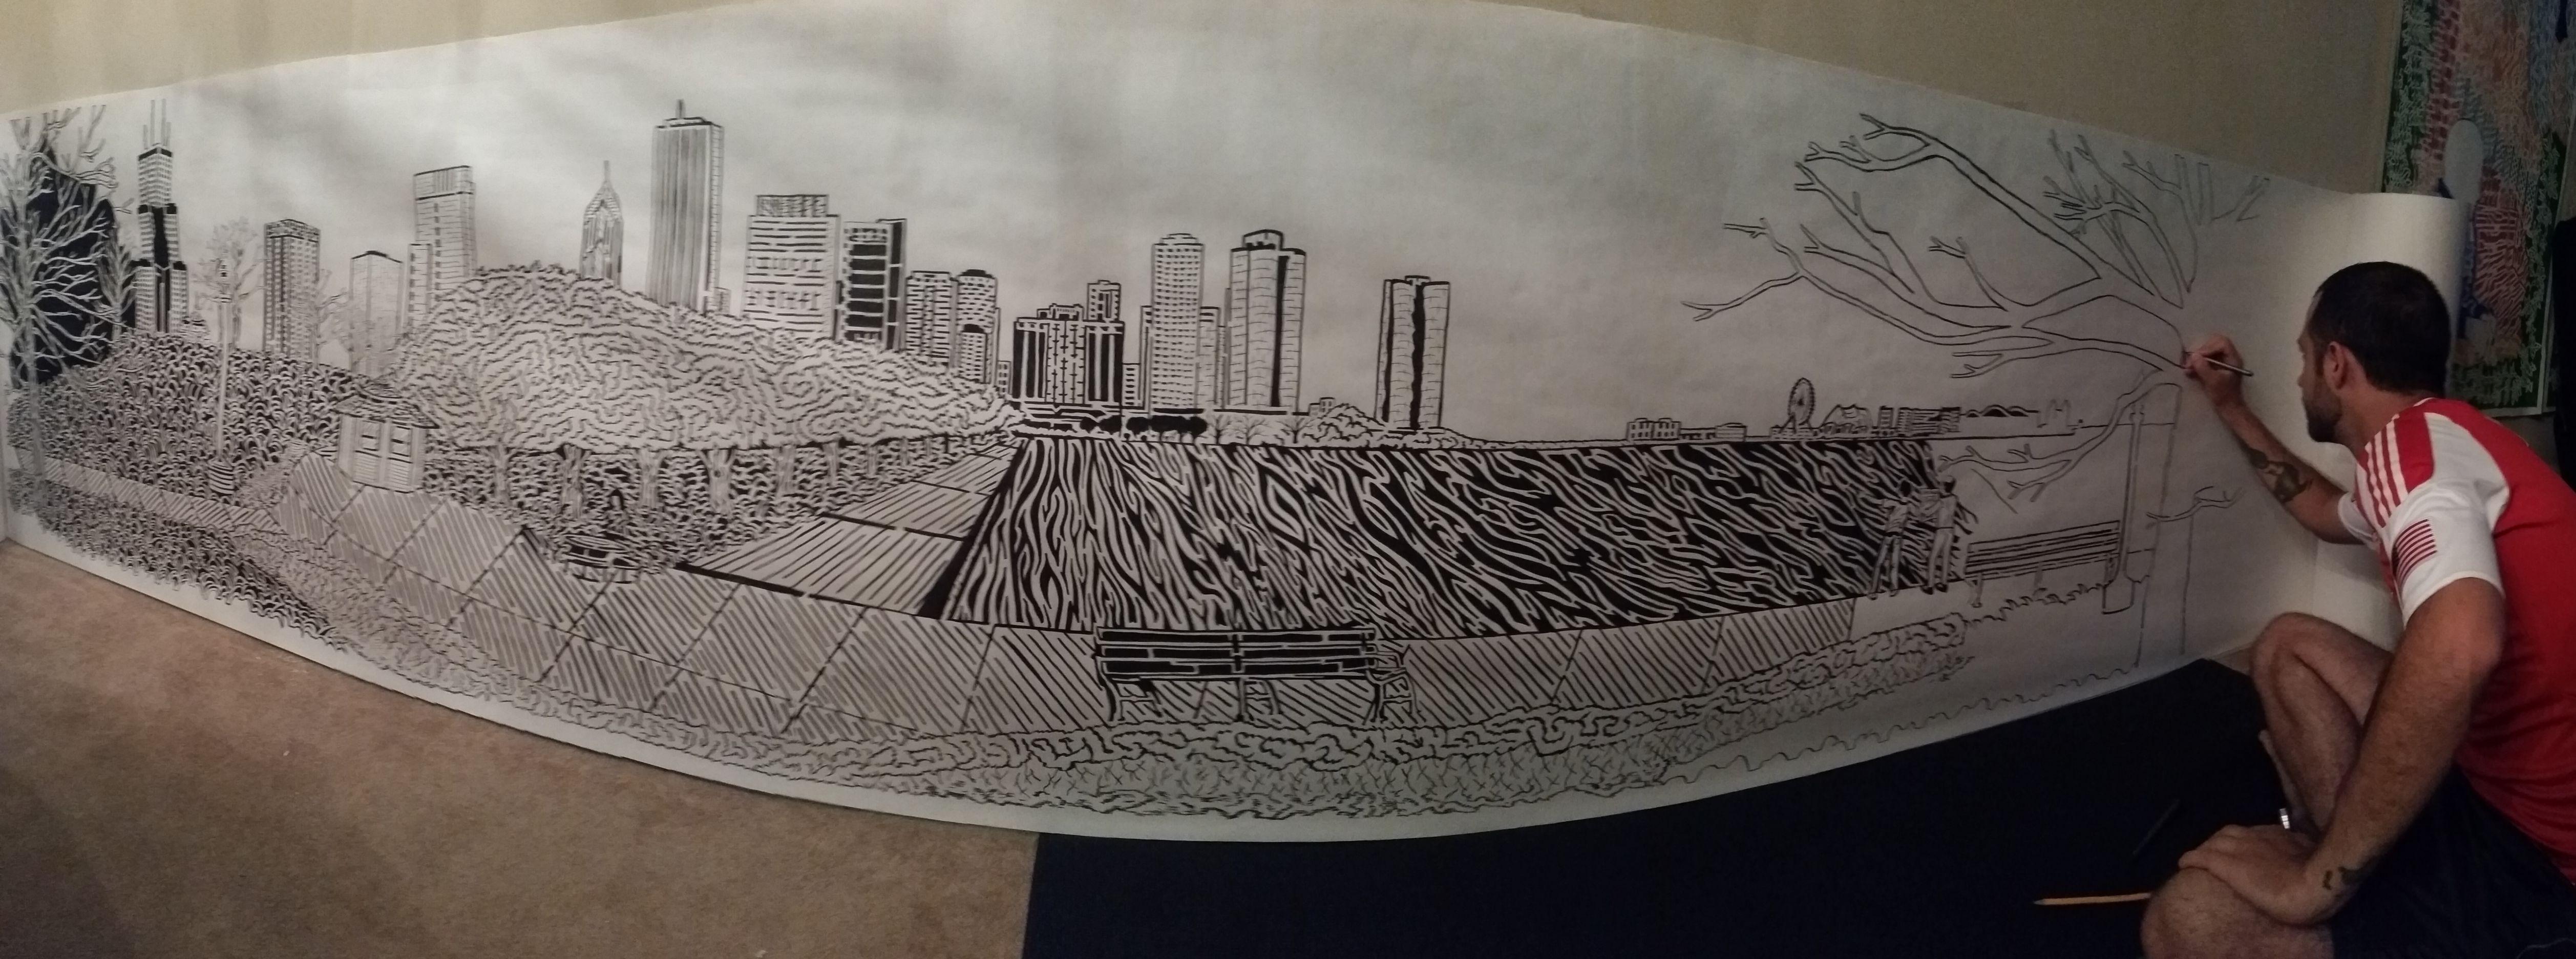 Drawn maze inception Hand breaking Maze pictureHalf to